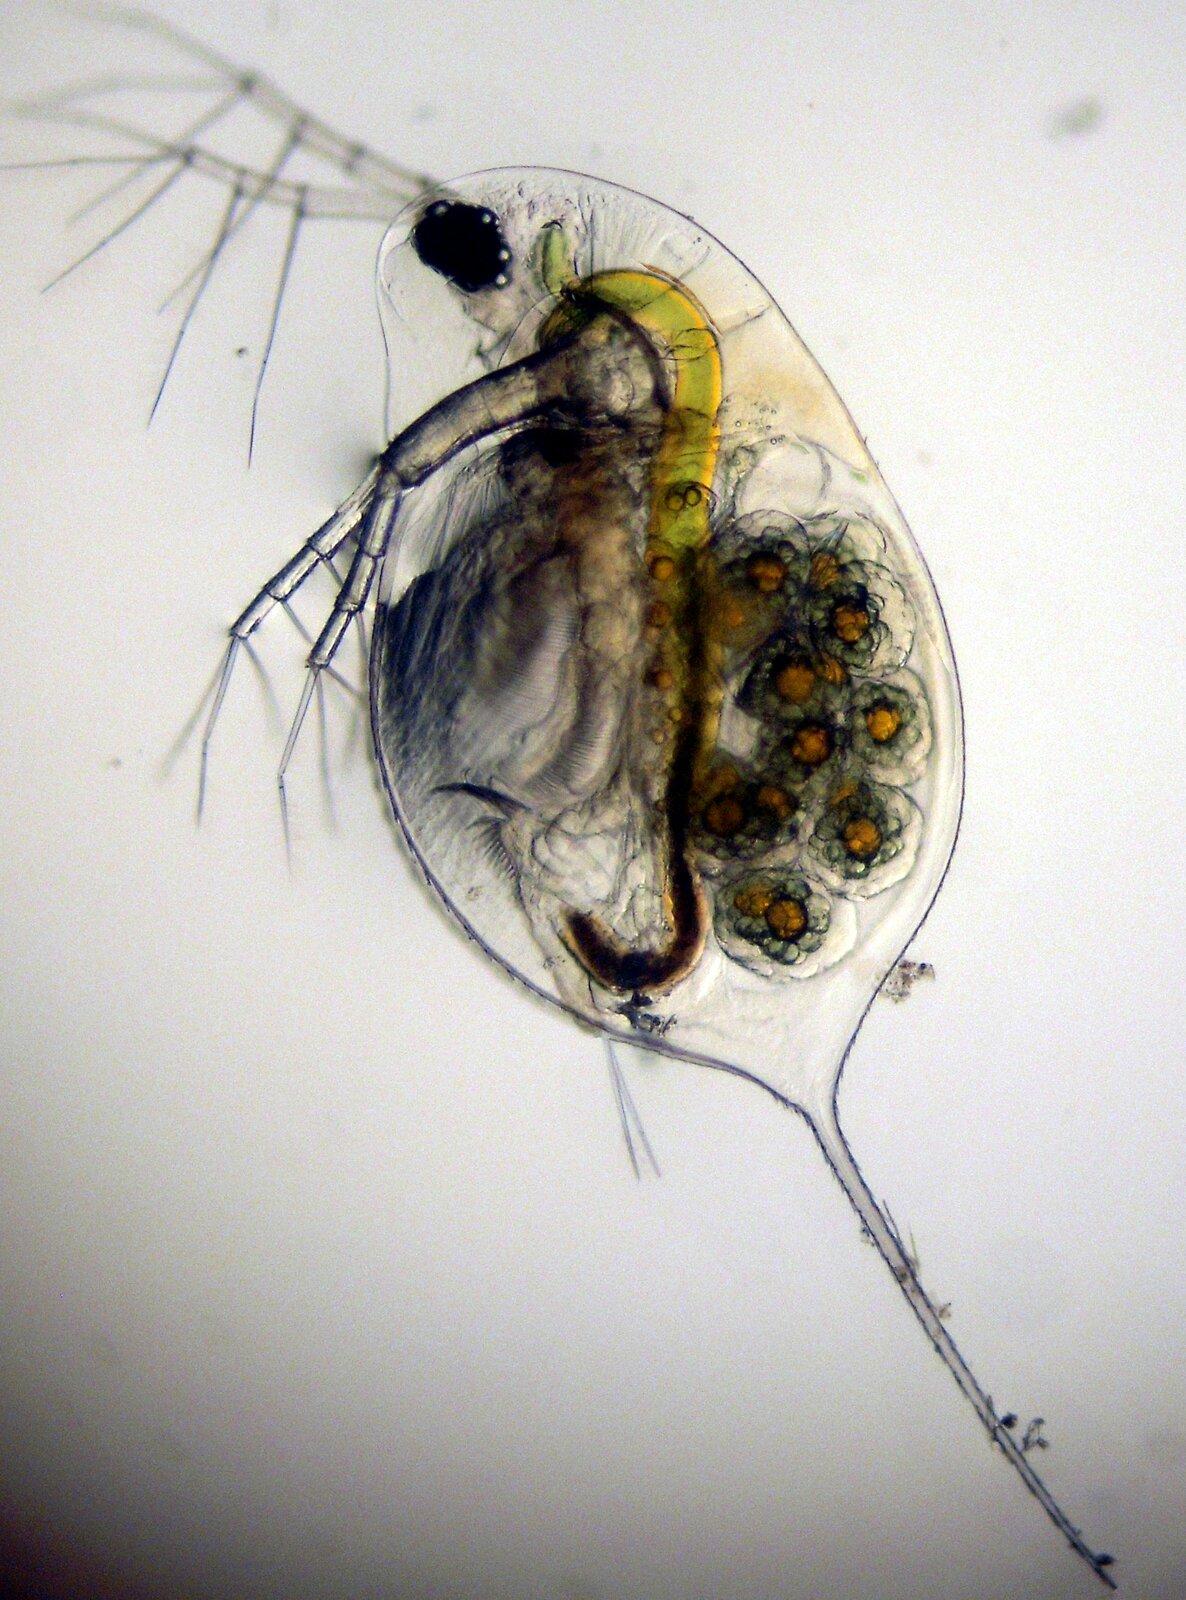 Wgalerii znajdują się fotografie przedstawicieli skorupiaków. Fotografia mikroskopowa przedstawia półprzezroczystą rozwielitkę. Zwierzę ma kształt owalny zwyrostkiem wdolnej części. Cztery gałęziaste odnóża skierowane wlewo. Wewnątrz rozwielitki żółte, szare iczarne układy. Zprawej skupienie kulistych jajeczek, pomarańczowych zciemnoszarą otoczką.